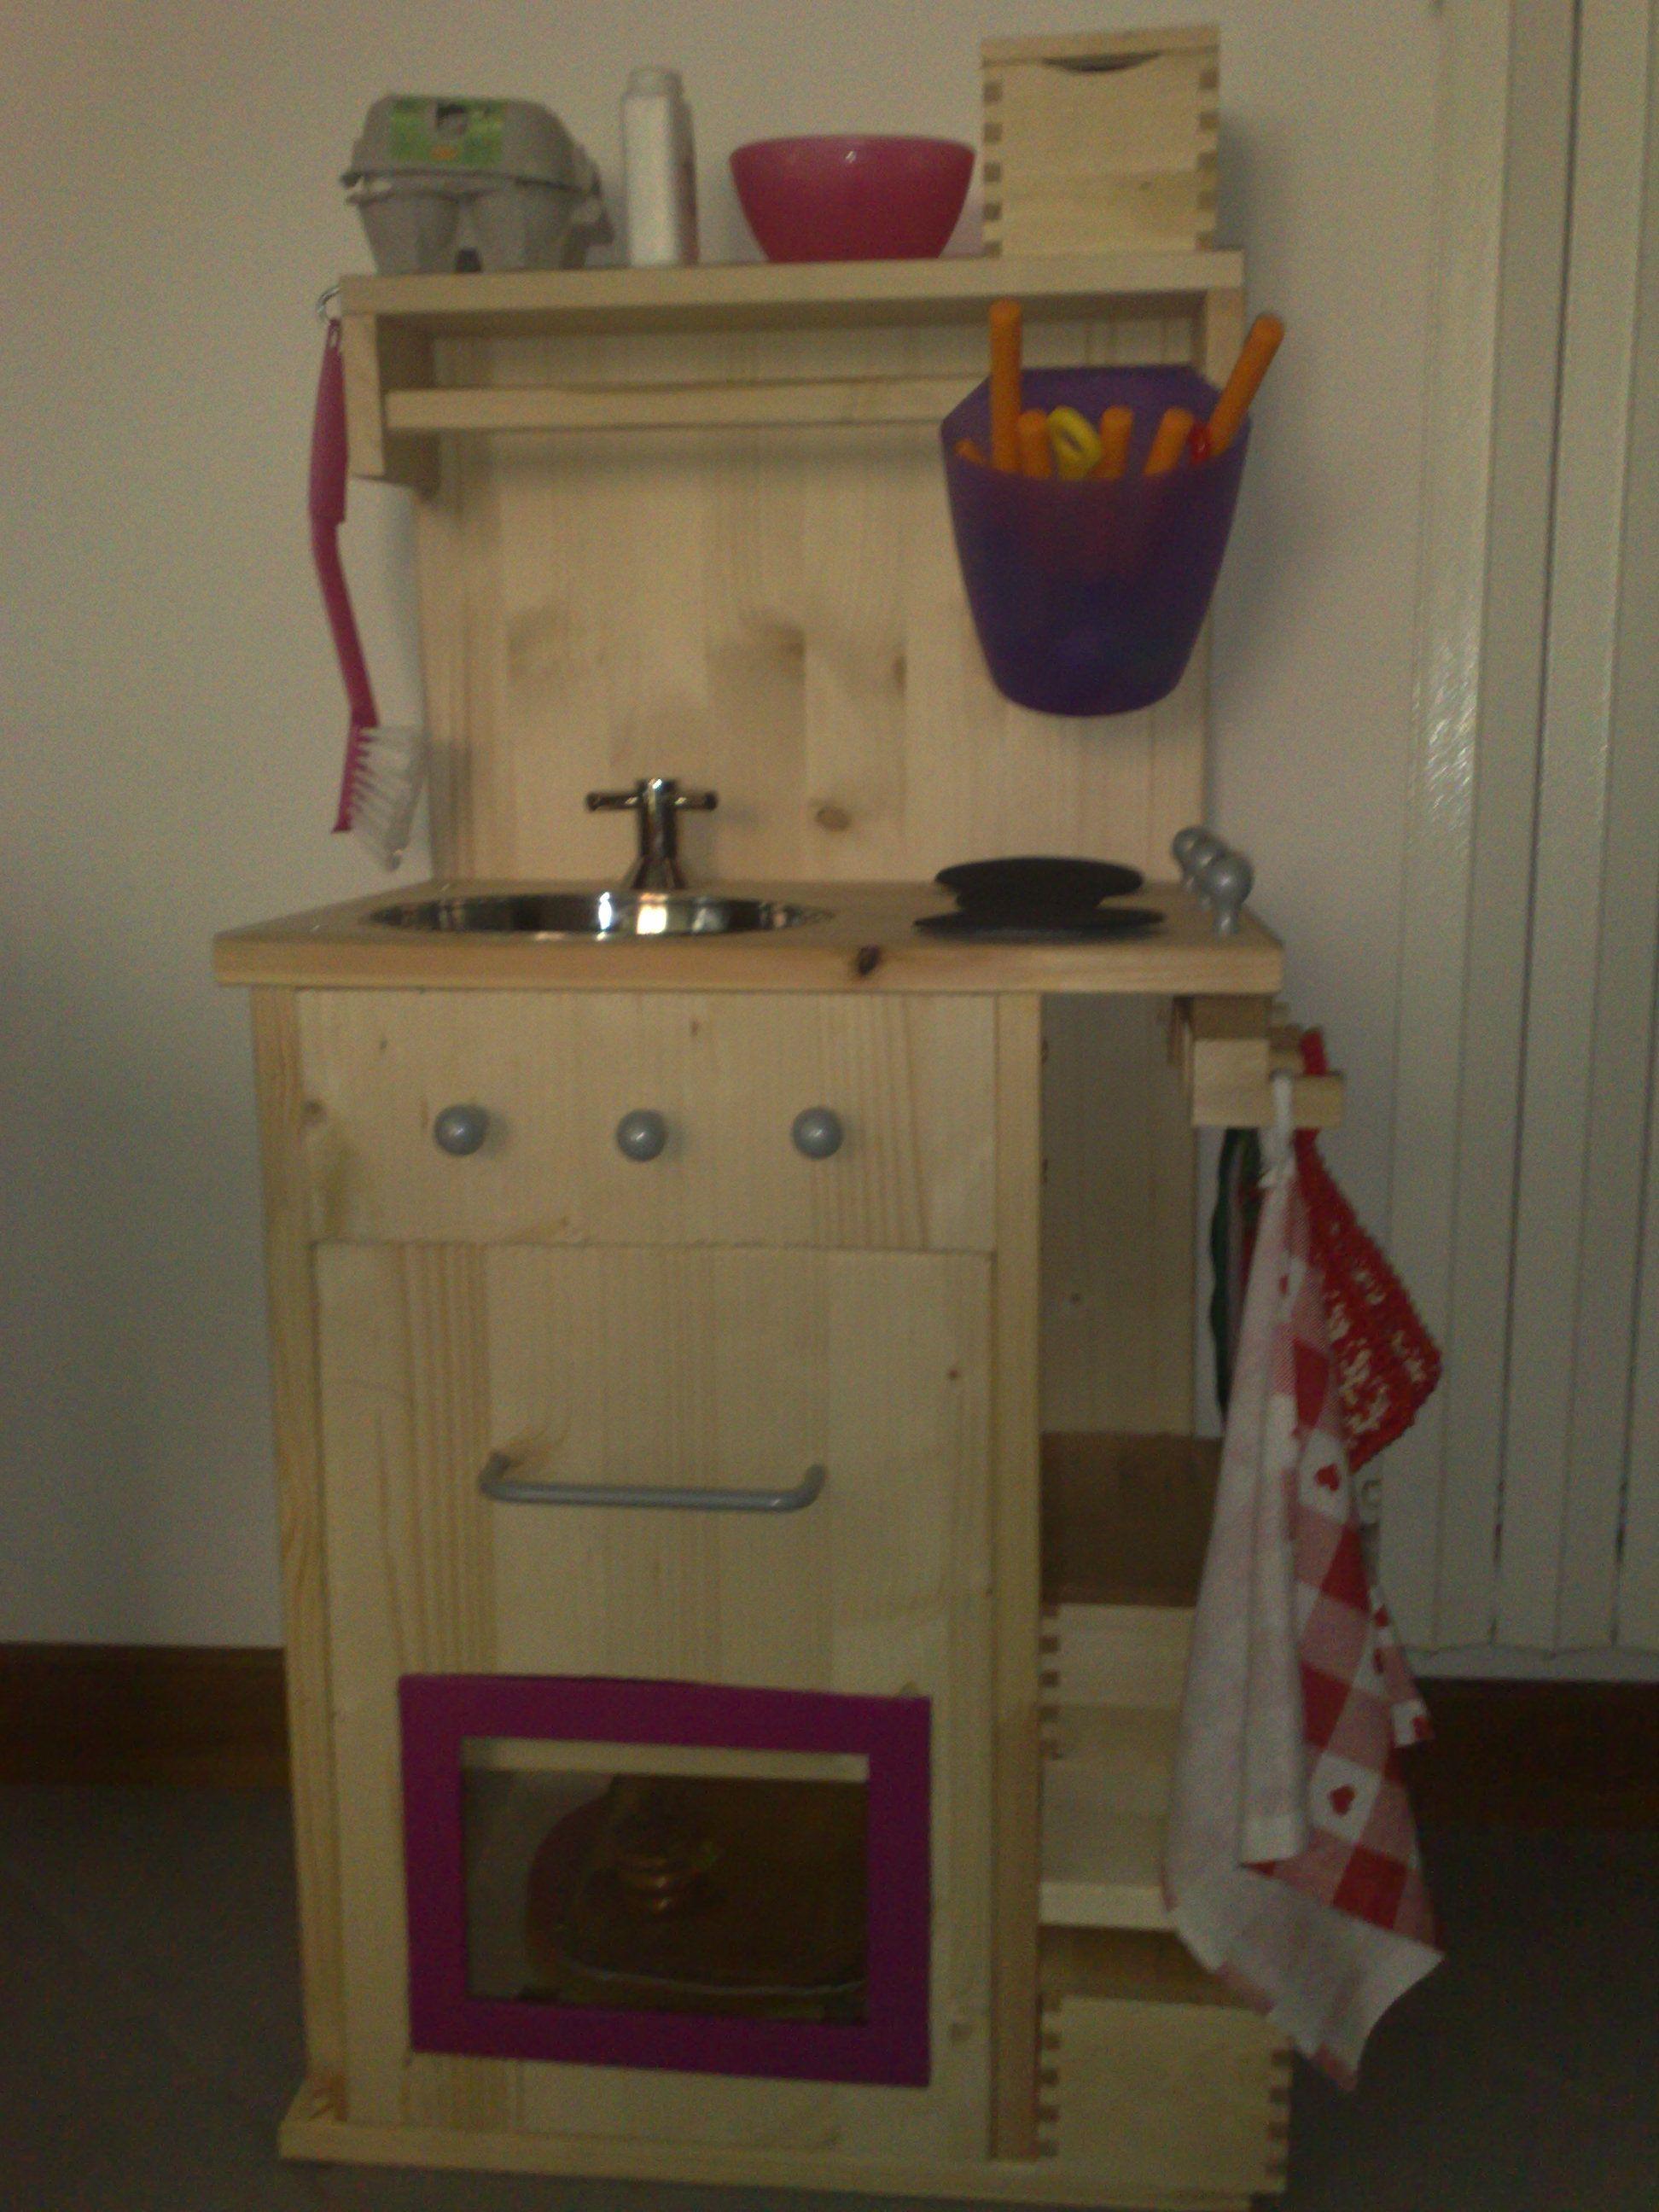 Creare la cucina in legno giocattolo - NannaBoBò | crea e ricrea ...